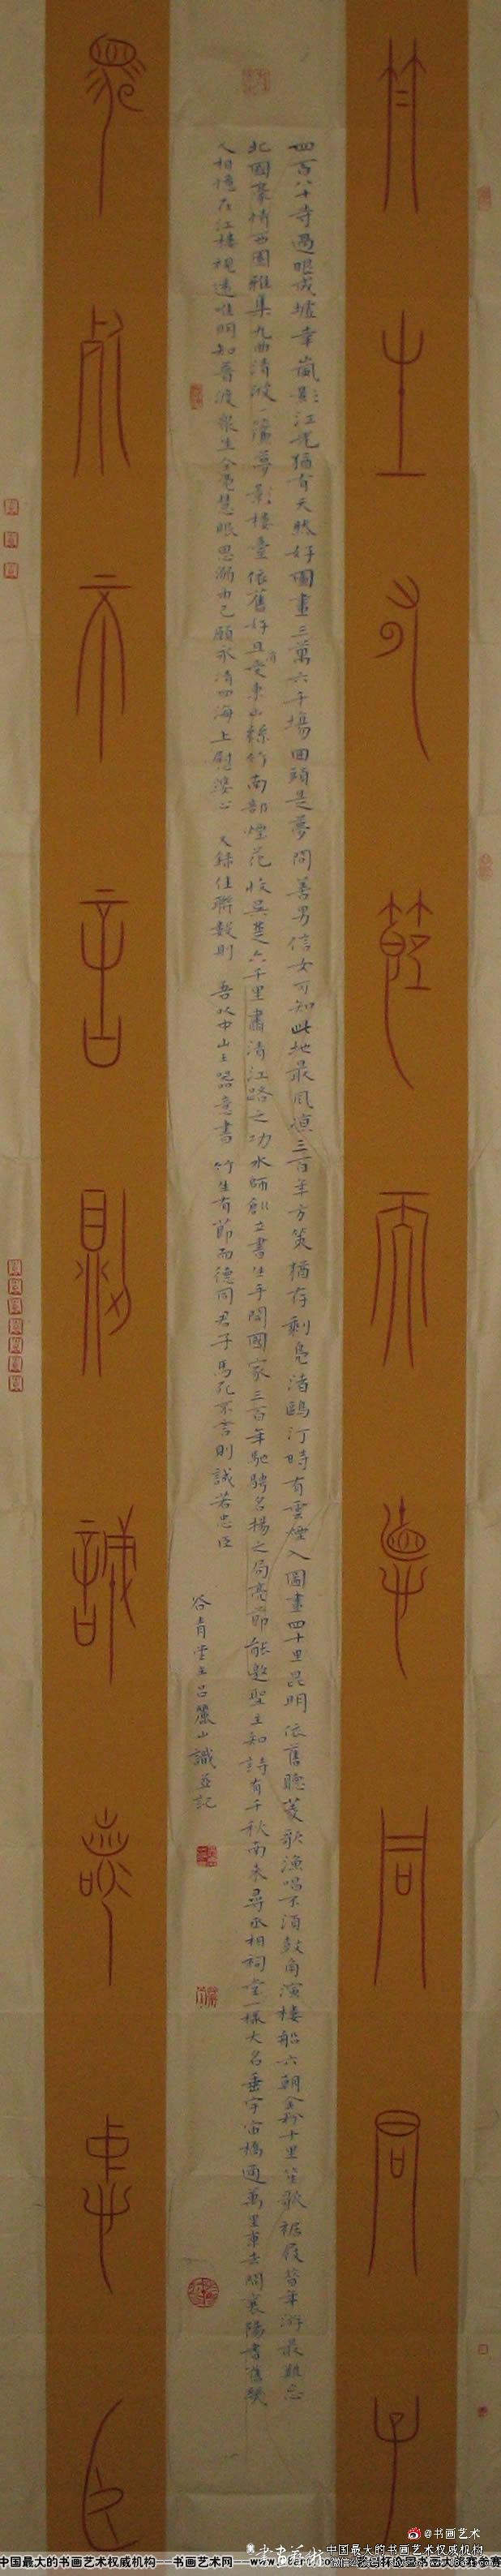 参赛者:河南罗山县--吕丽山--1978